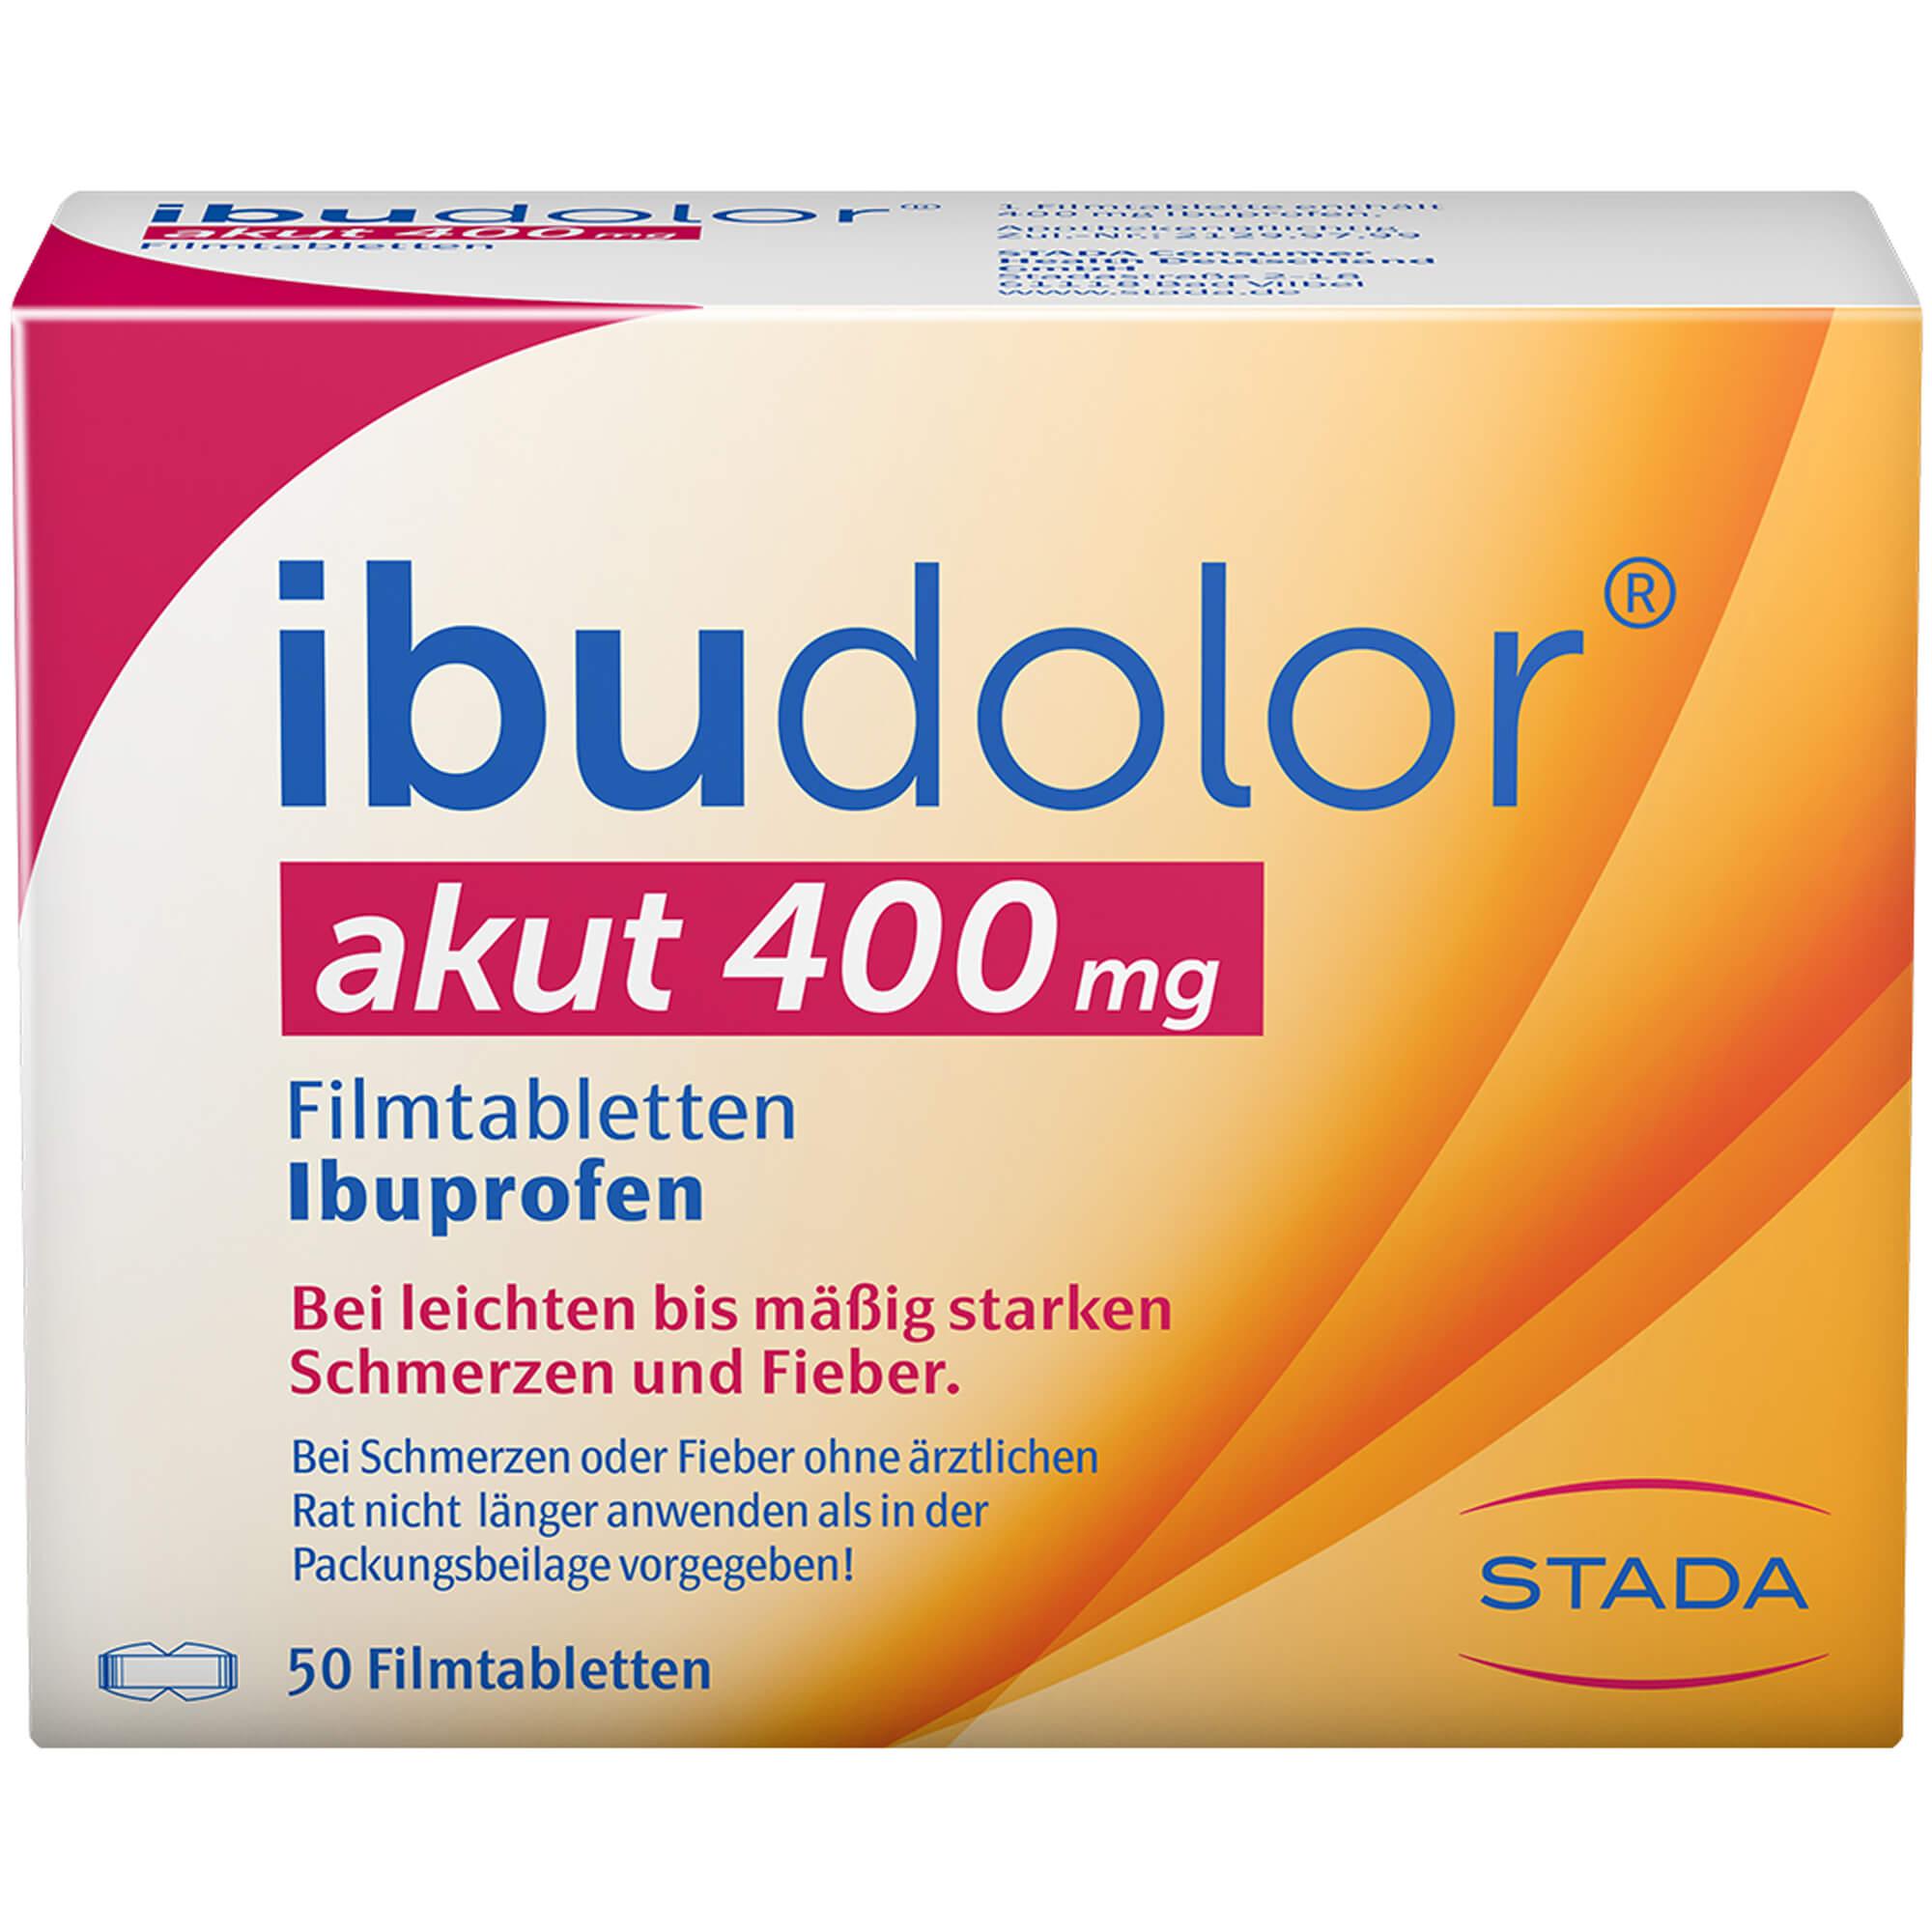 IBUDOLOR-akut-400-mg-Filmtabletten